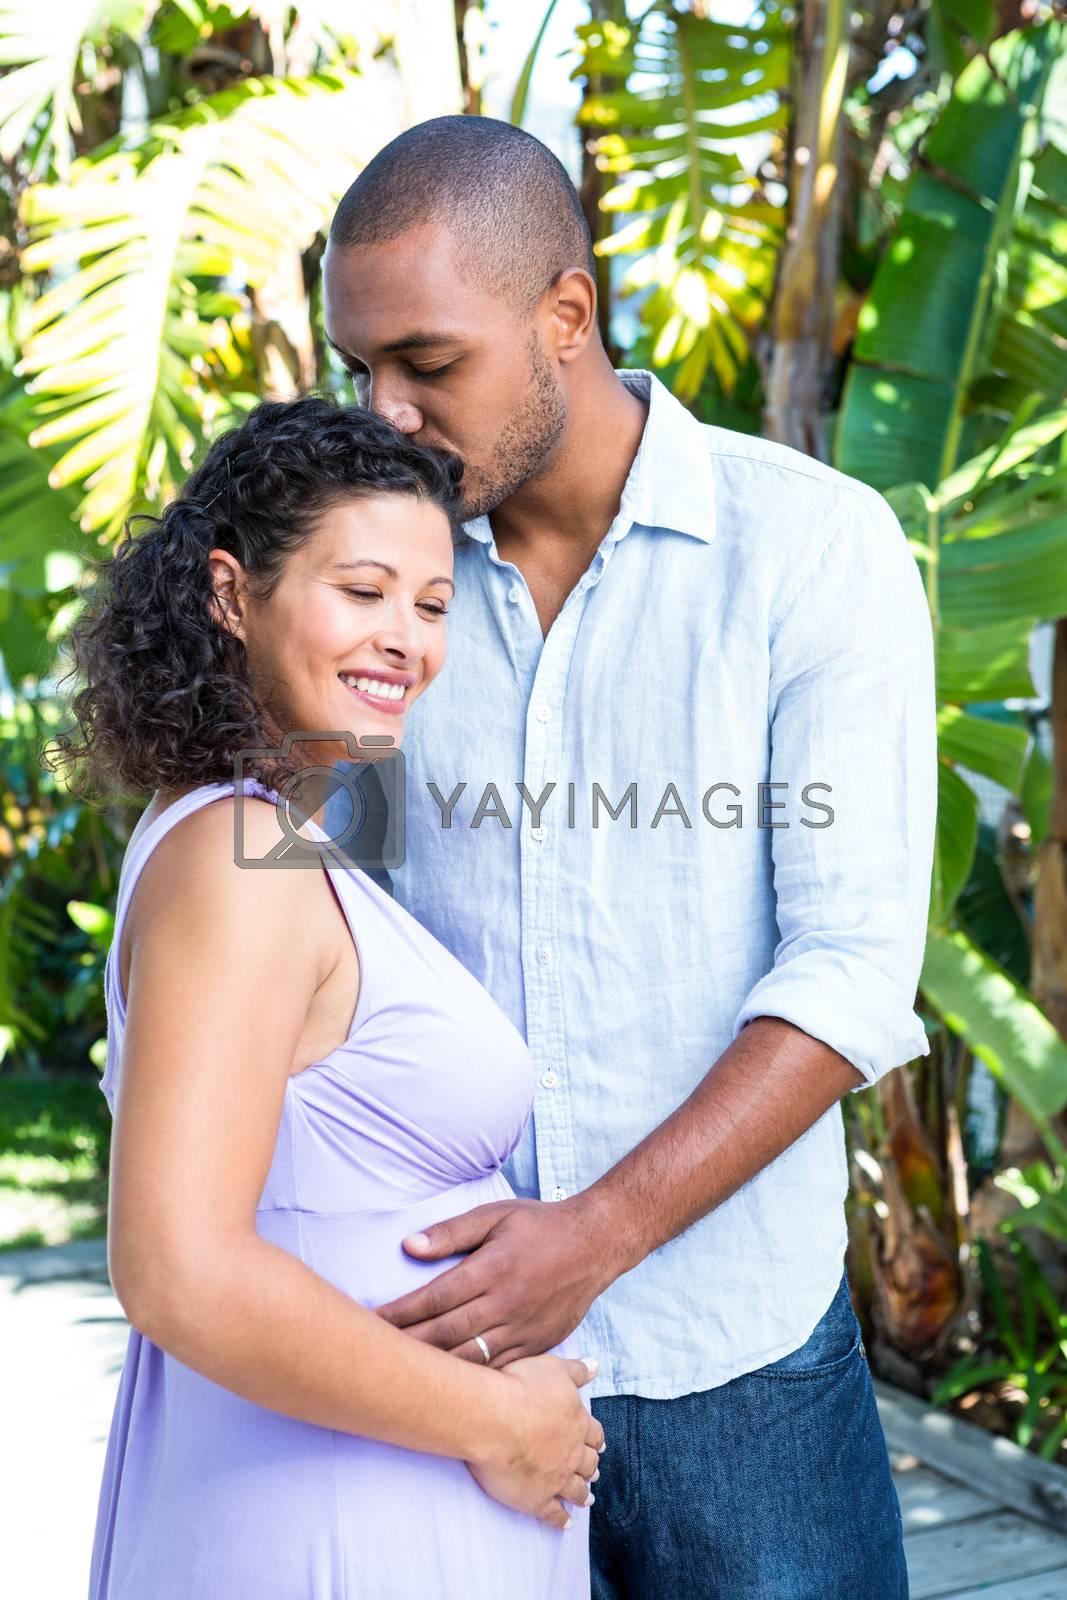 Husband kissing pregnant wife head in yard